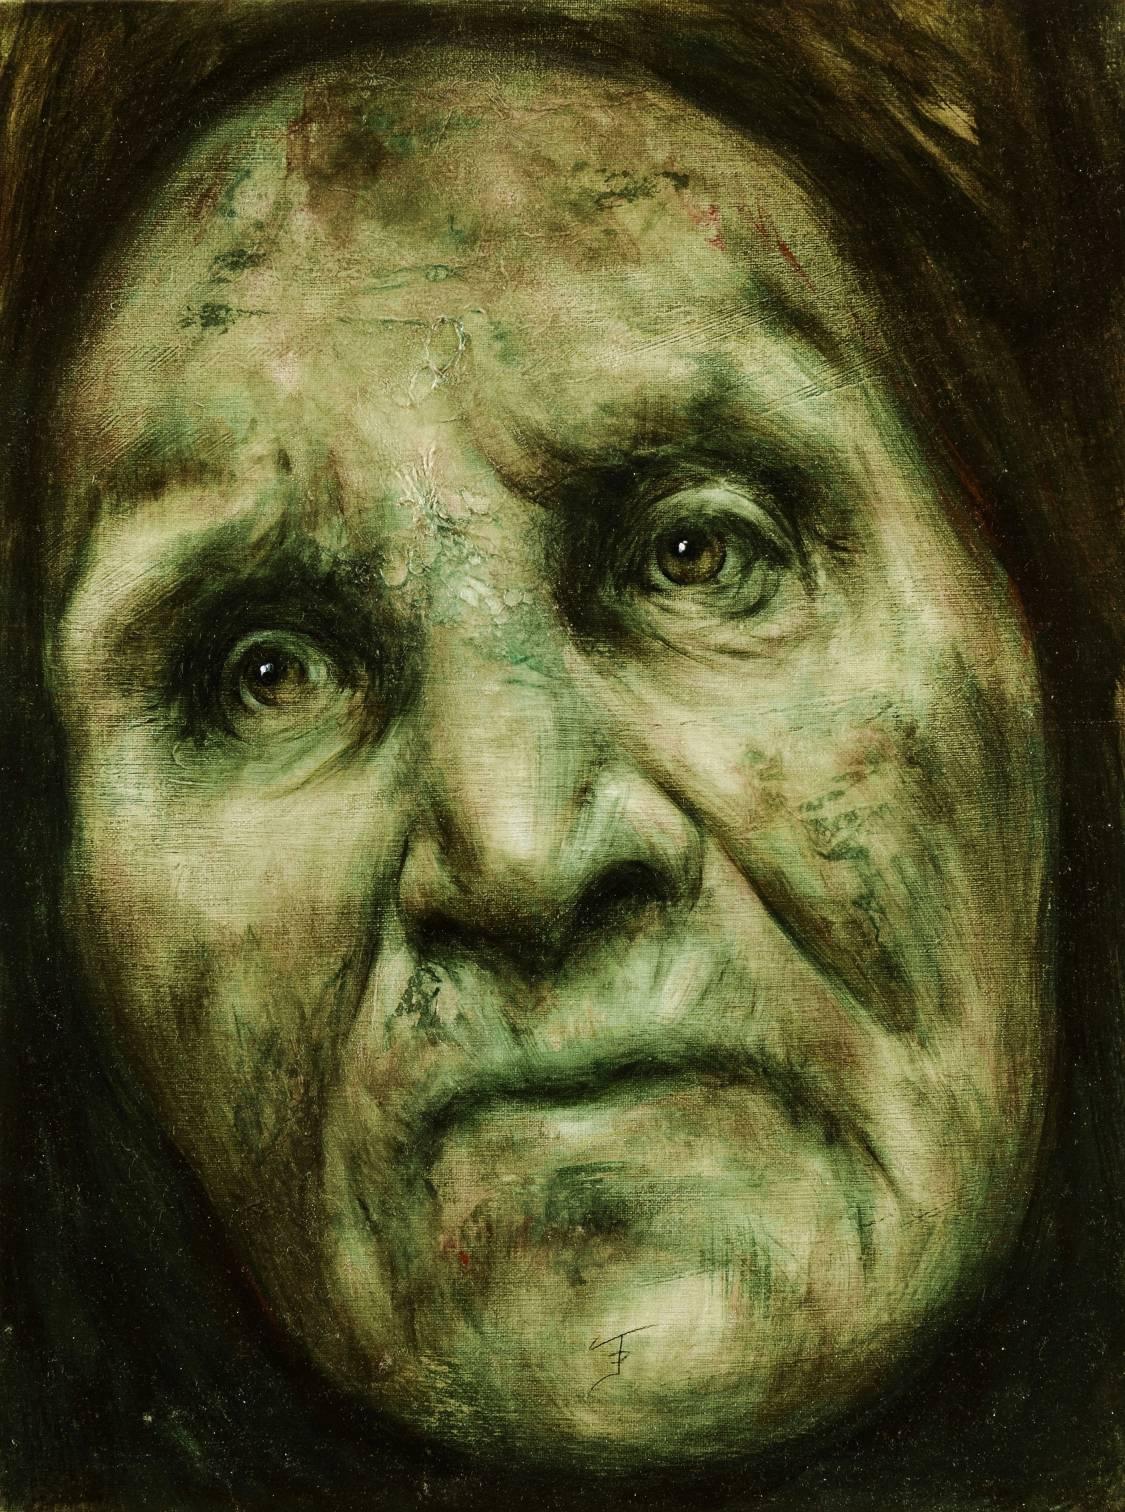 Ormai (2014) - Jacopo Dimastrogiovanni